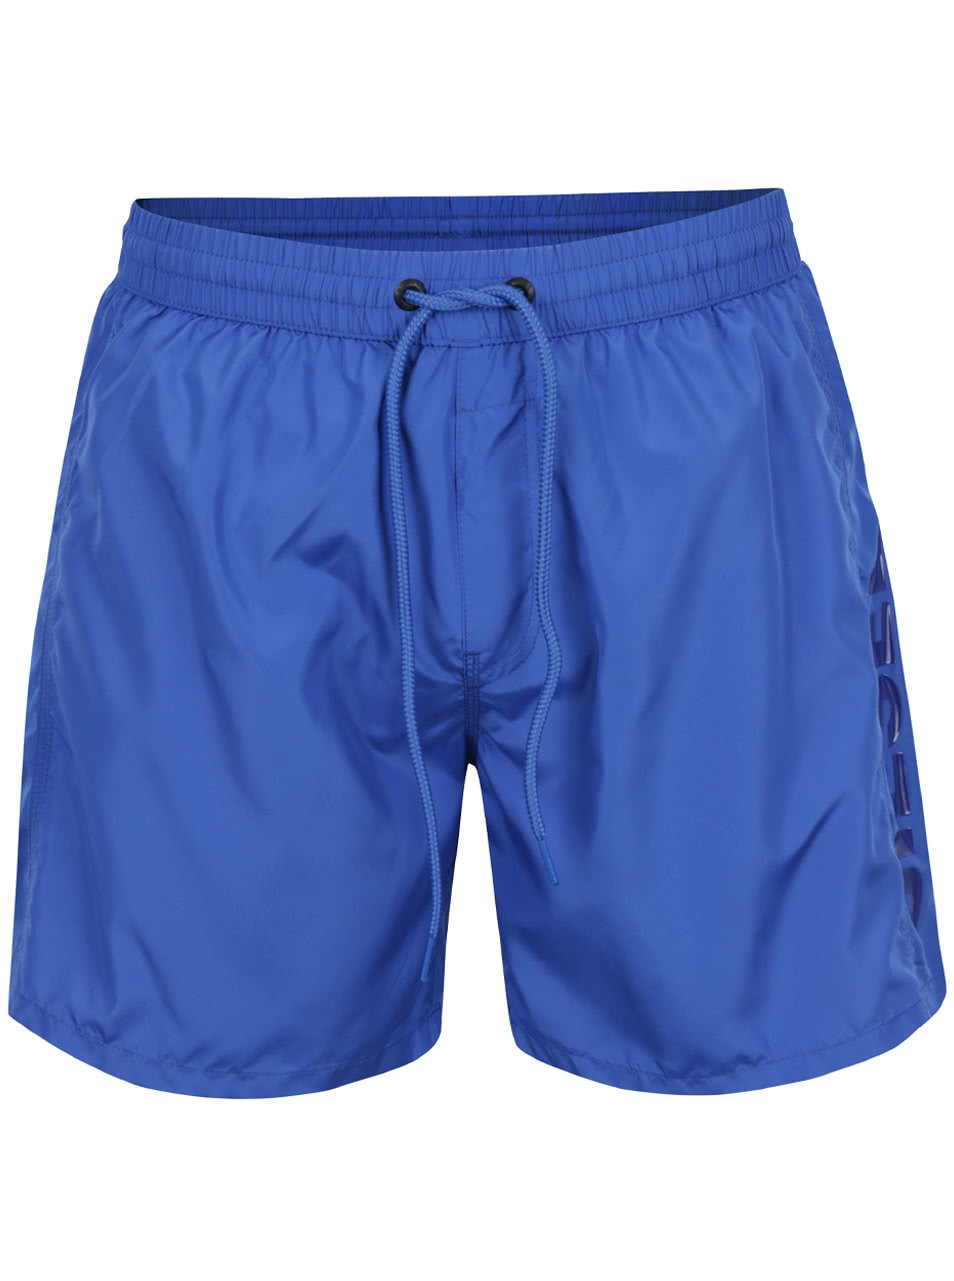 Modré pánské plavky s kapsou Diesel